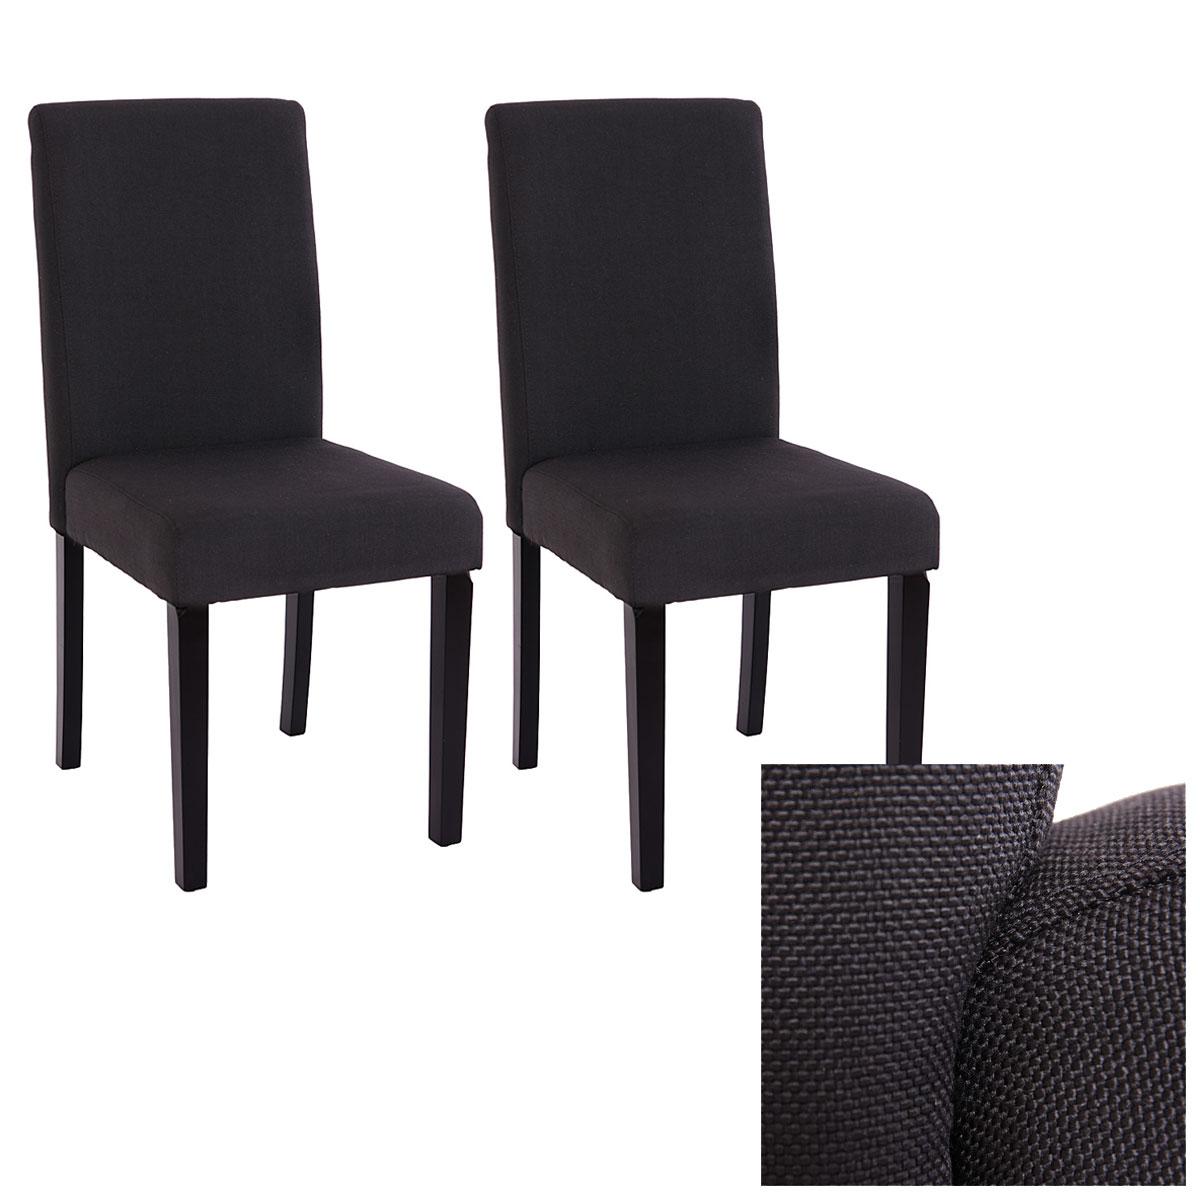 2x esszimmerstuhl stuhl lehnstuhl littau textil schwarz for Stuhl 4 beine